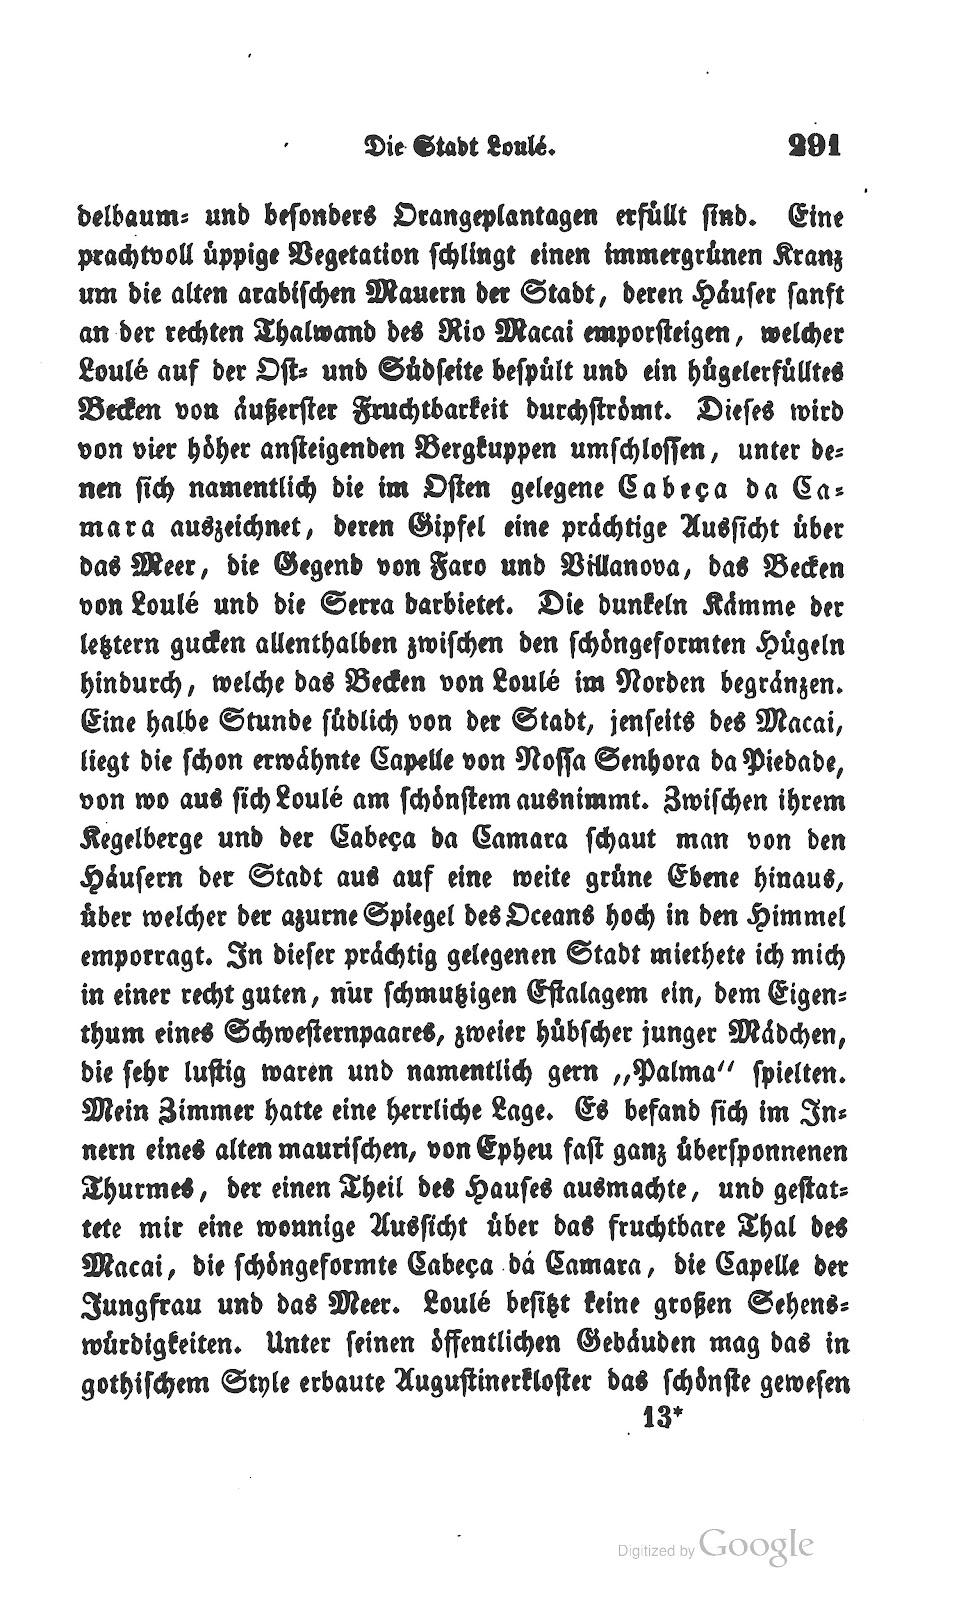 WIllkomm - 10. Kapitel Pages from Zwei_Jahre_in_Spanien_und_Portugal(3)_Page_33.jpg